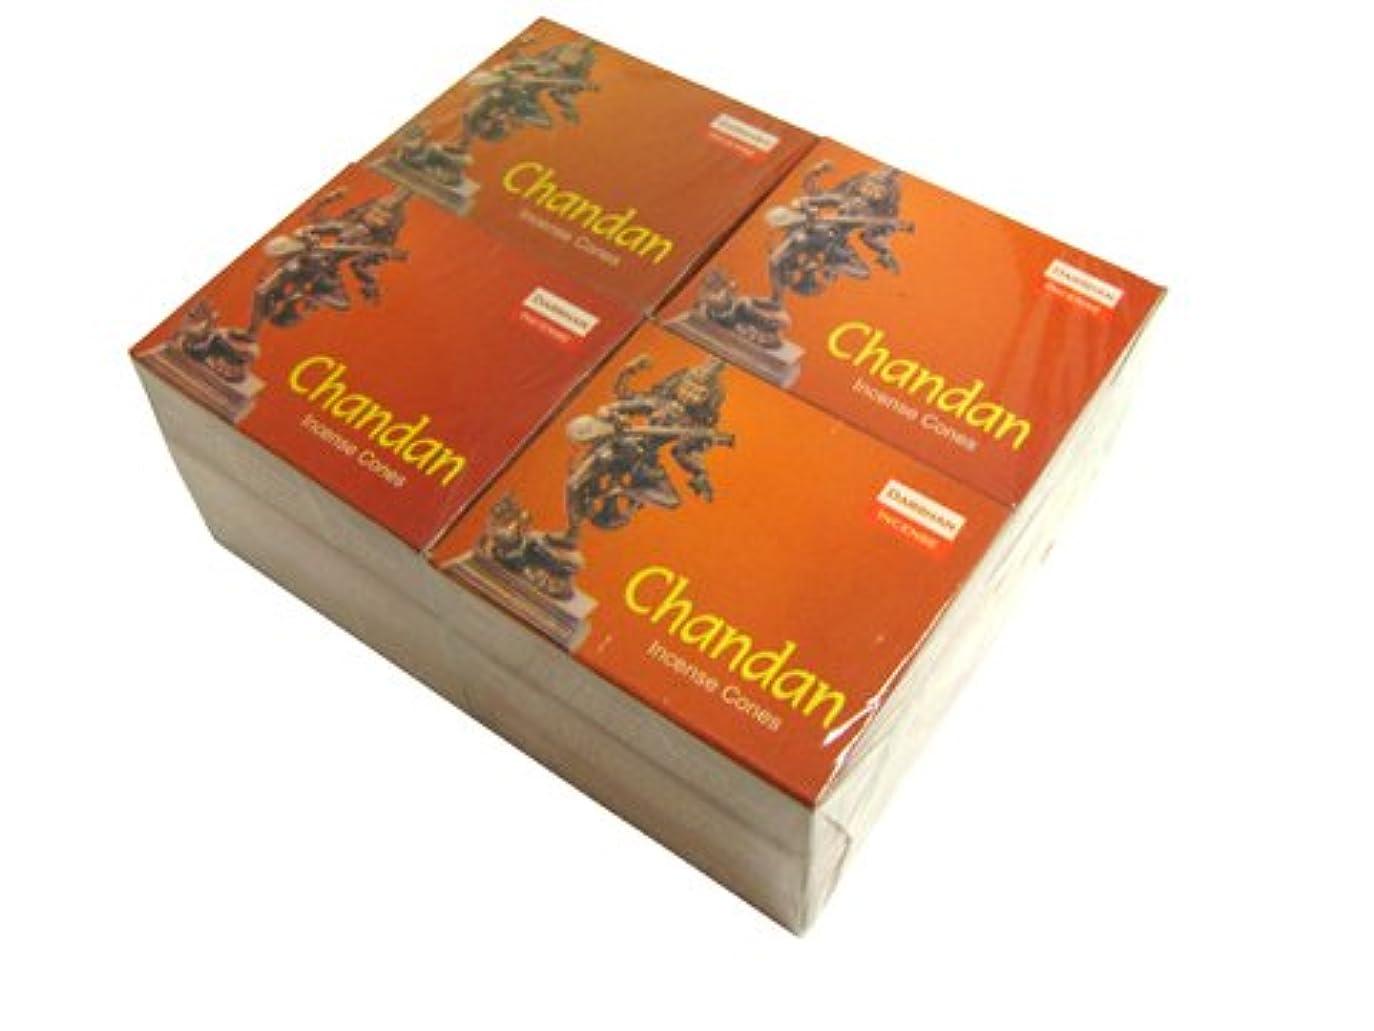 かどうか乙女気がついてDARSHAN(ダルシャン) チャンダン香 コーンタイプ CHANDAN CORN 12箱セット